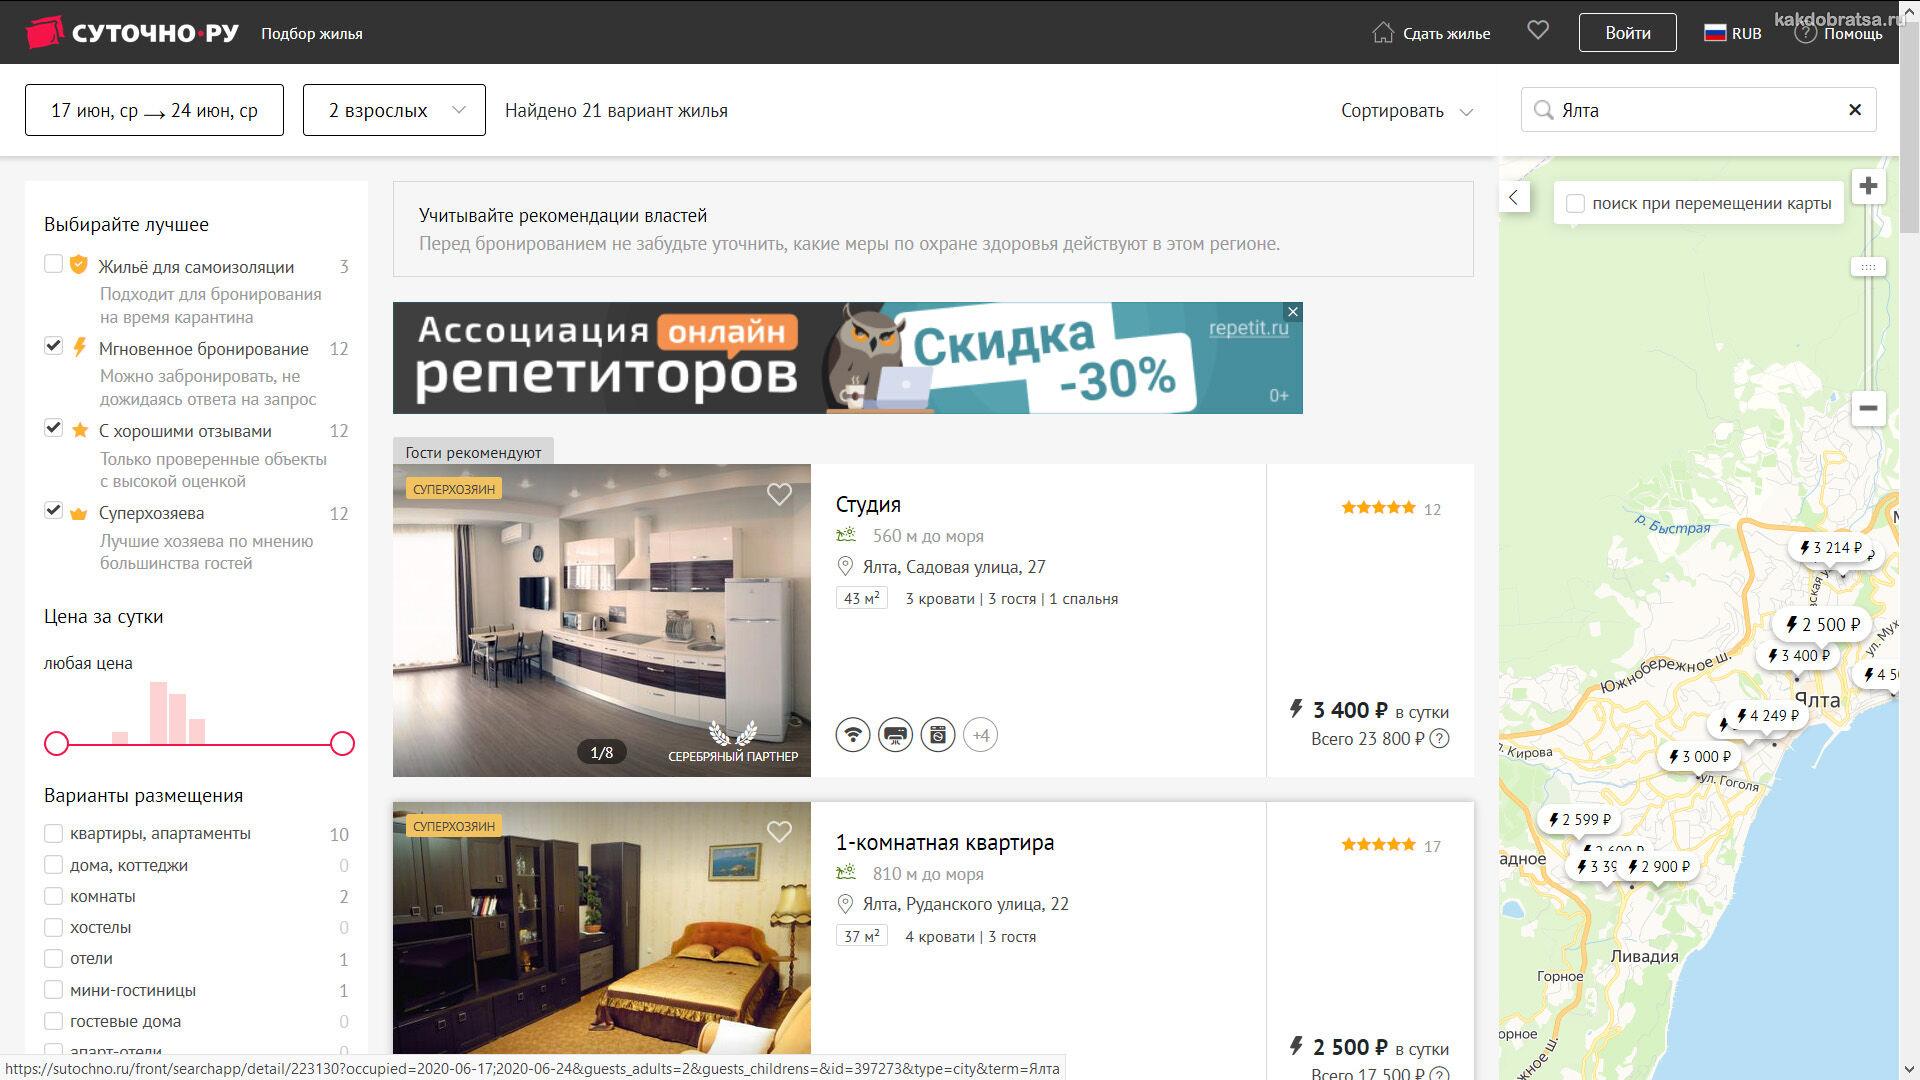 Как забронировать номер в отеле или квартире на веб-сайте Sutochno.ru в Крыму шаг 3